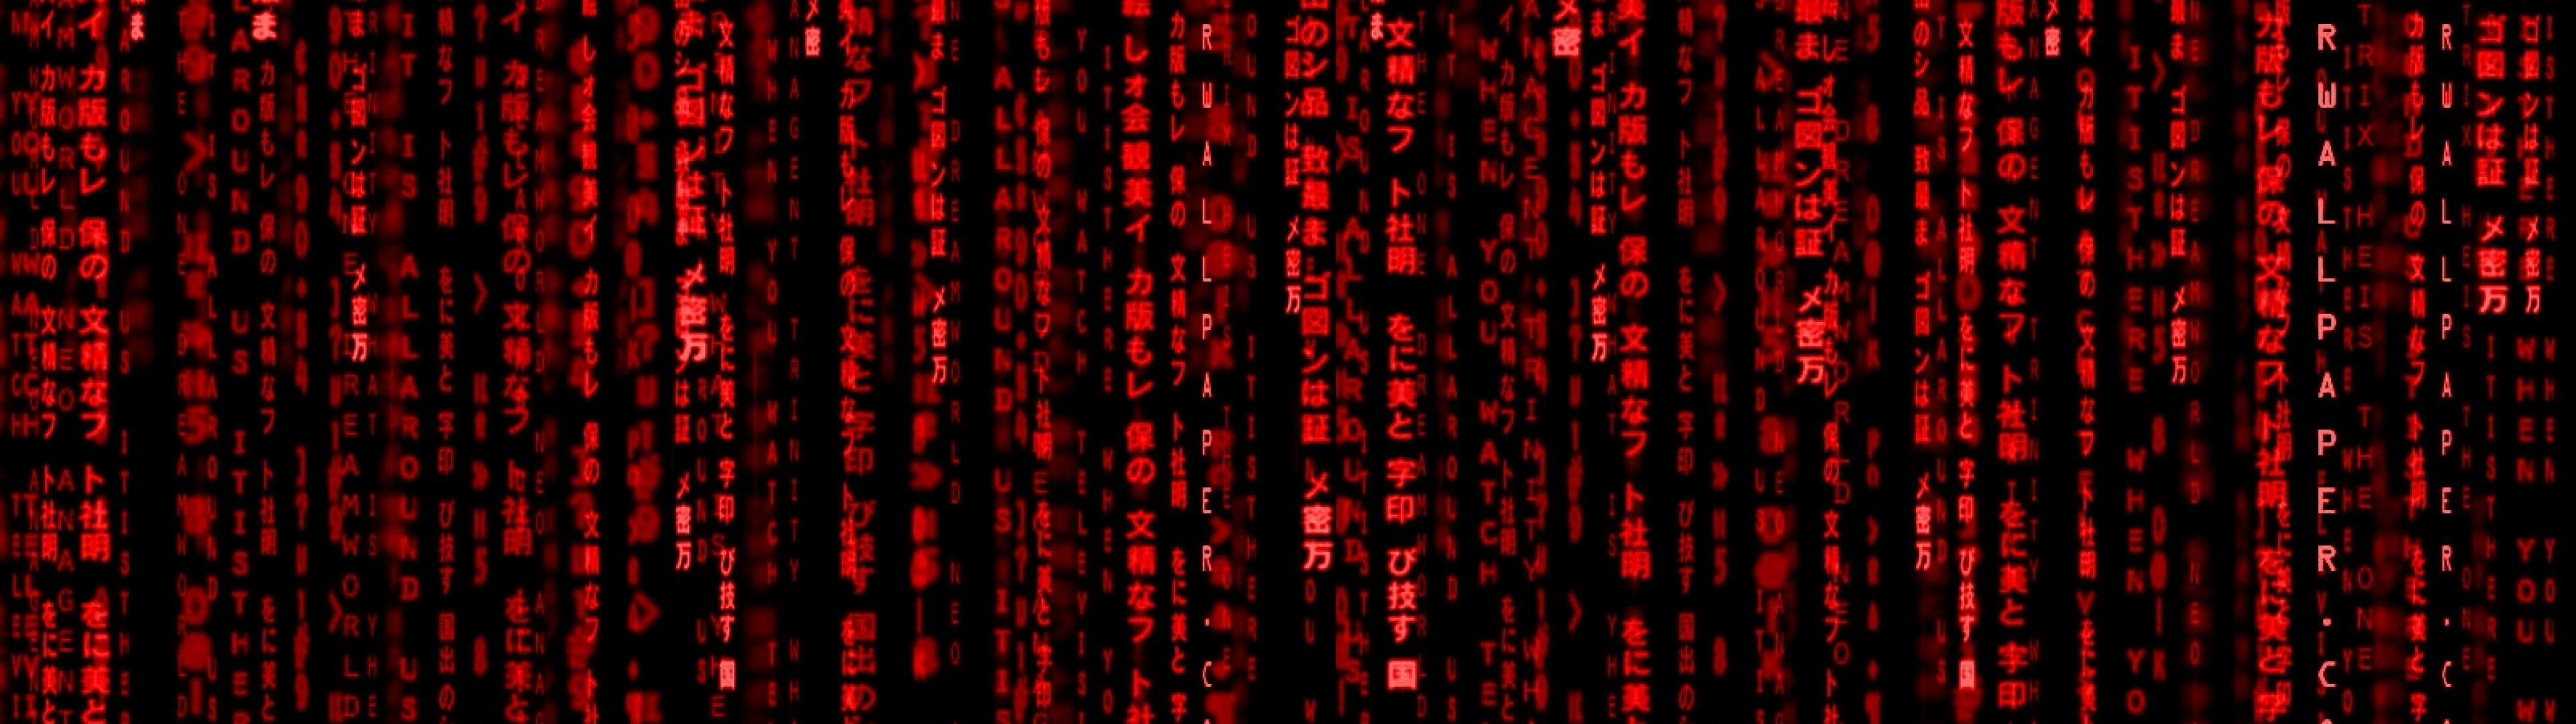 Matrix Code Wallpaper HD - WallpaperSafari